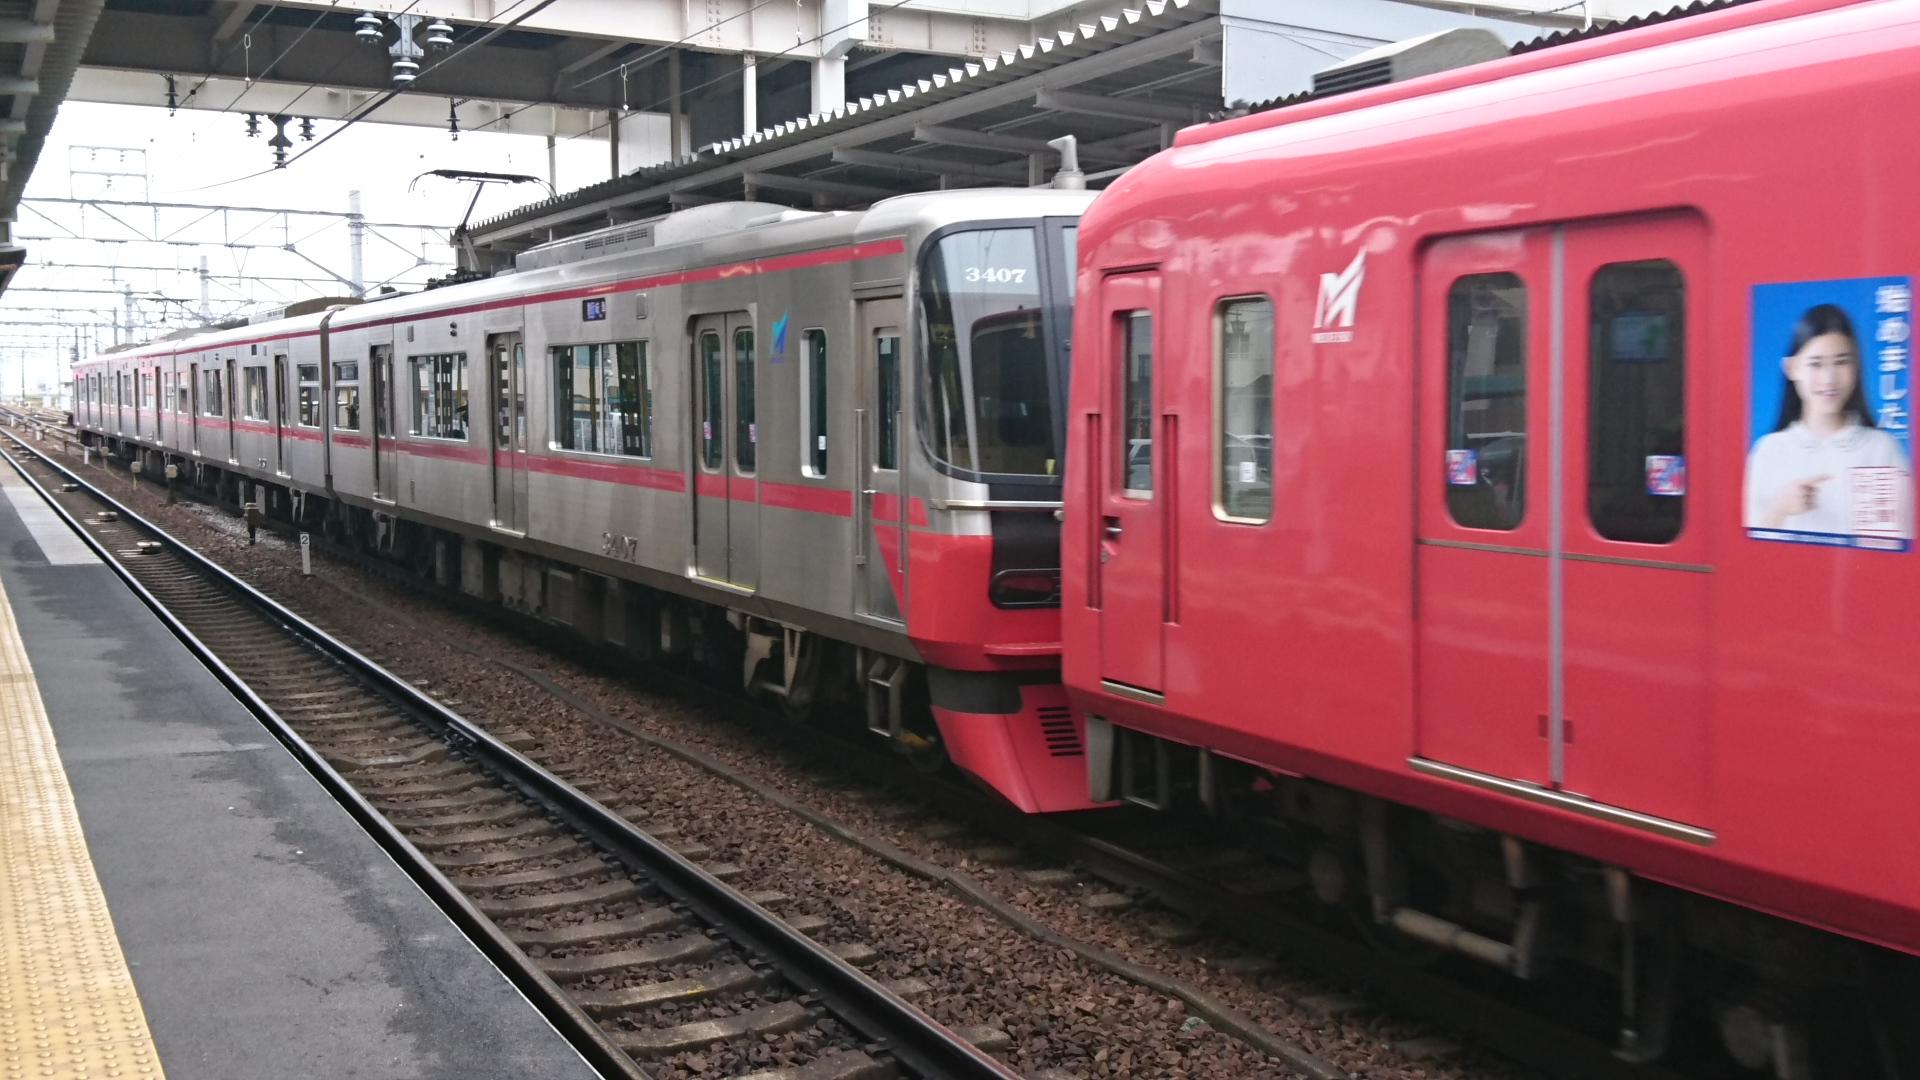 2017.3.26 名鉄 (4) しんあんじょう - 岐阜いき急行 1920-1080